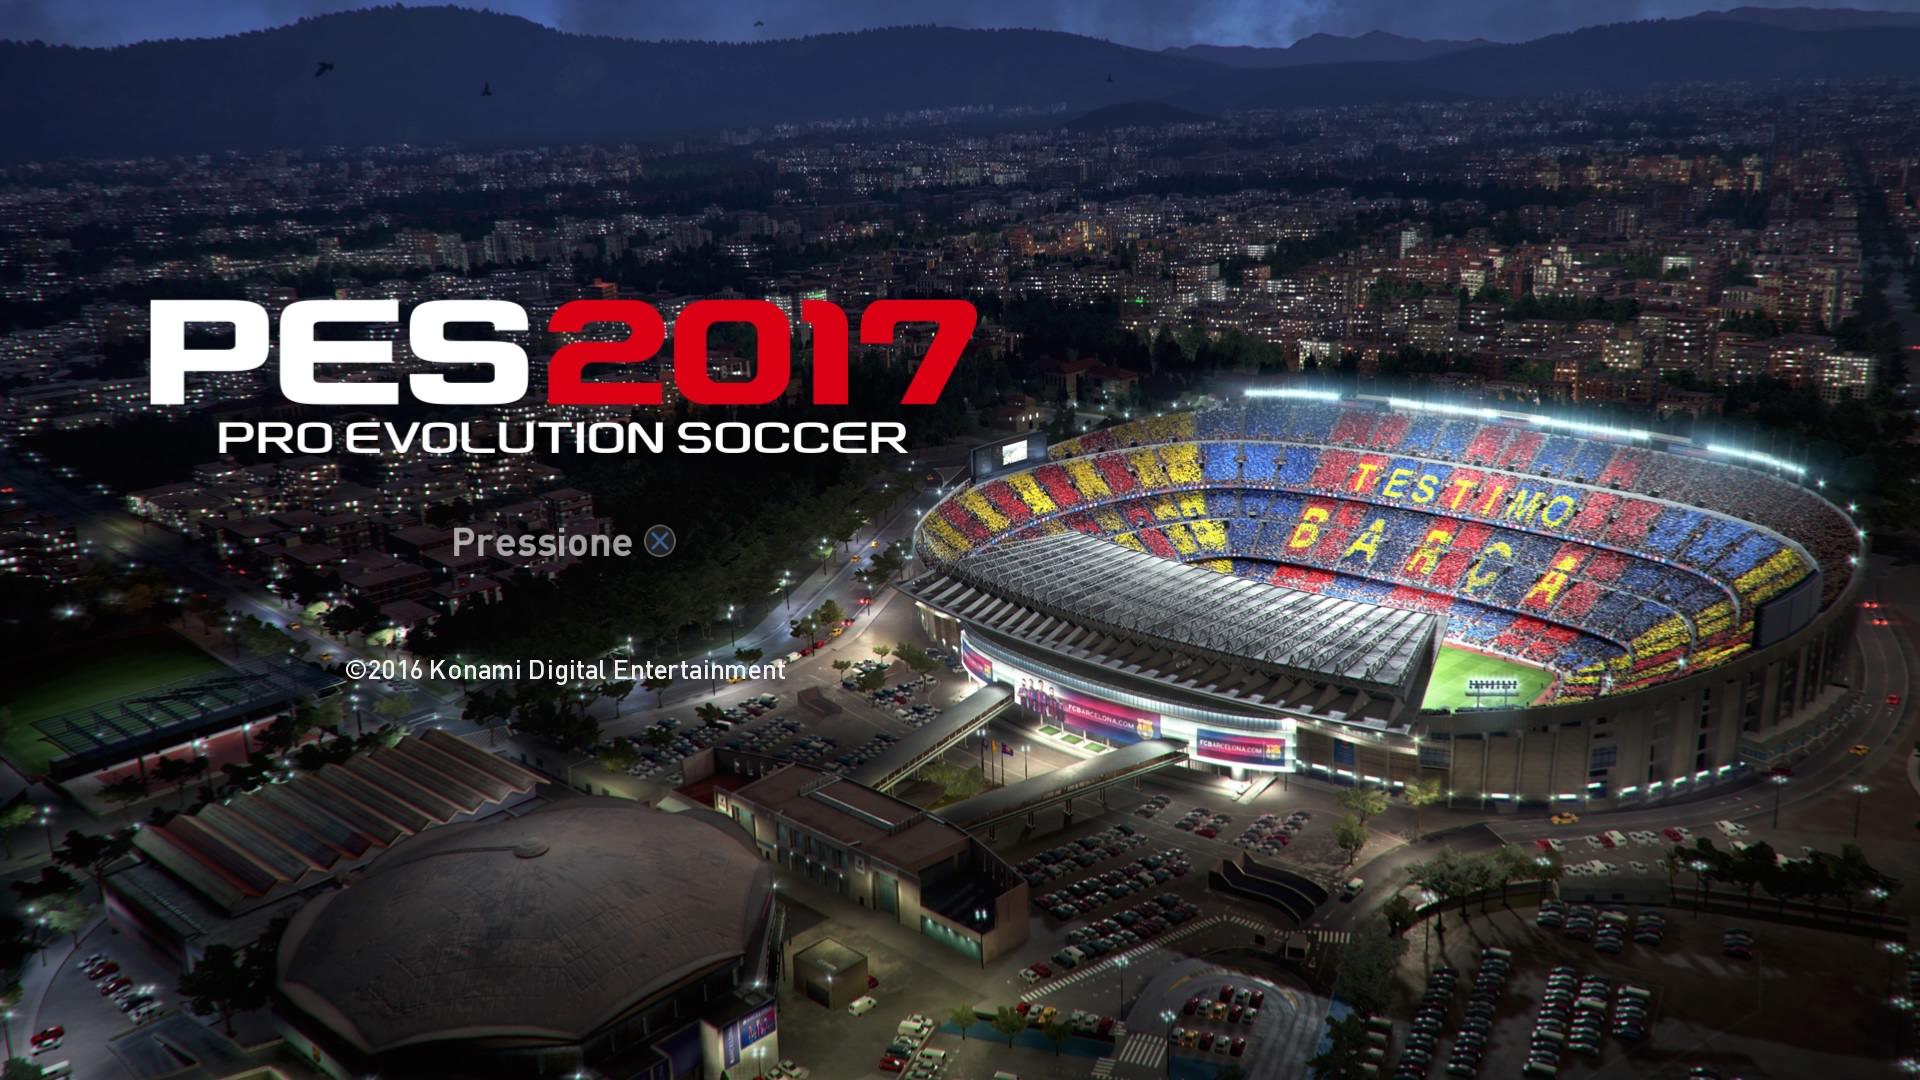 Demo de PES 2017 para PS4, PC, Xbox One, PS3 e xbox 360